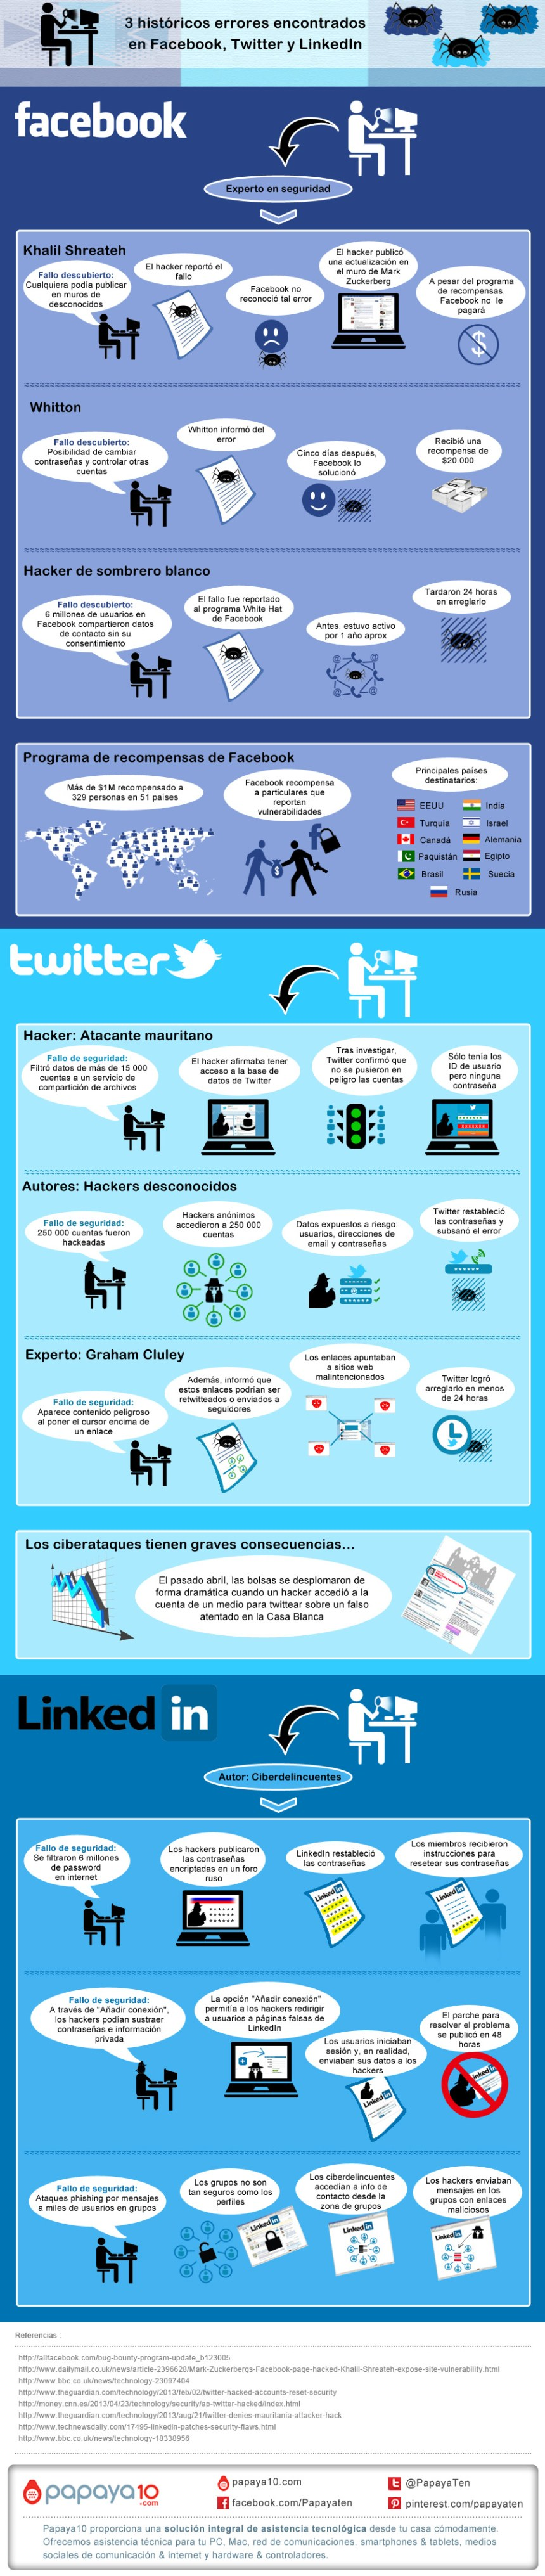 Fallos de seguridad en Twitter - FaceBooy y Linkedin